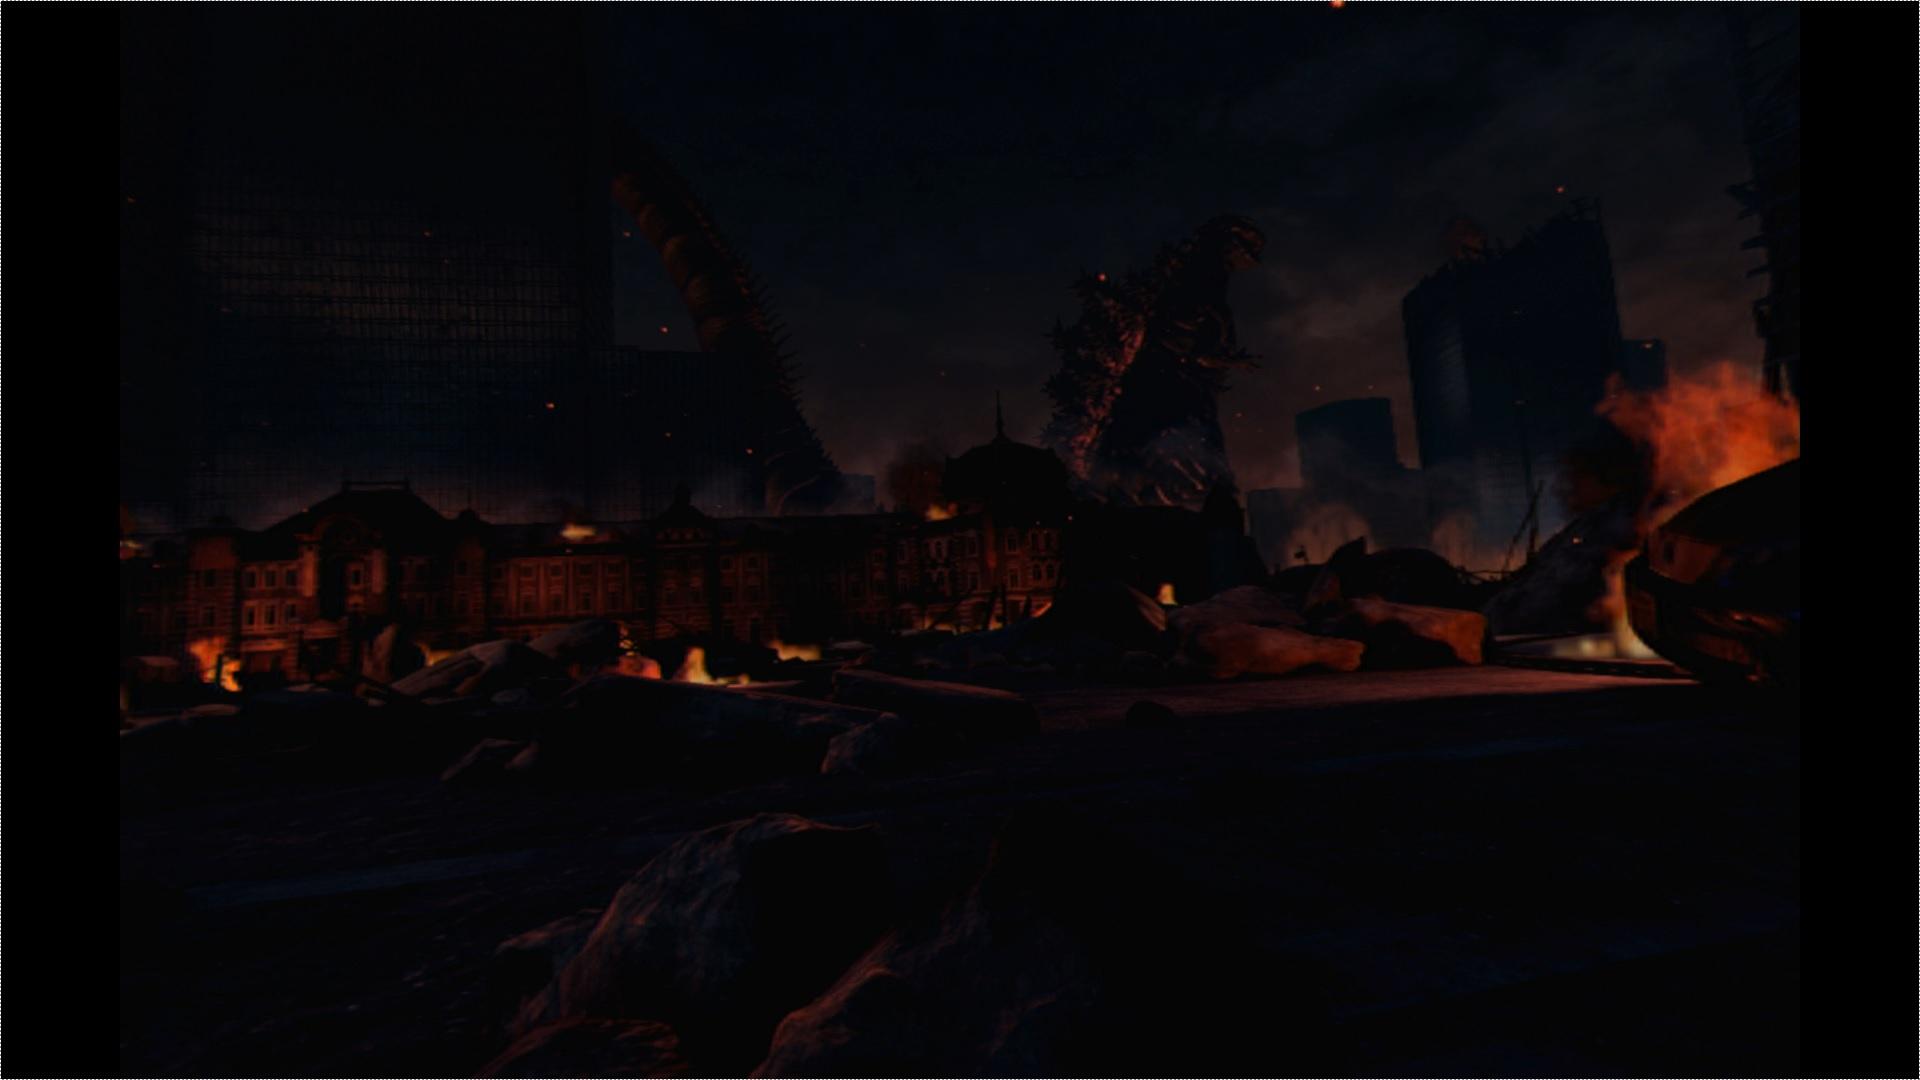 △ちょっと暗いですが、建物の影から現れるゴジラ。ここからプレイヤーの前にどんどん近づいてきます。